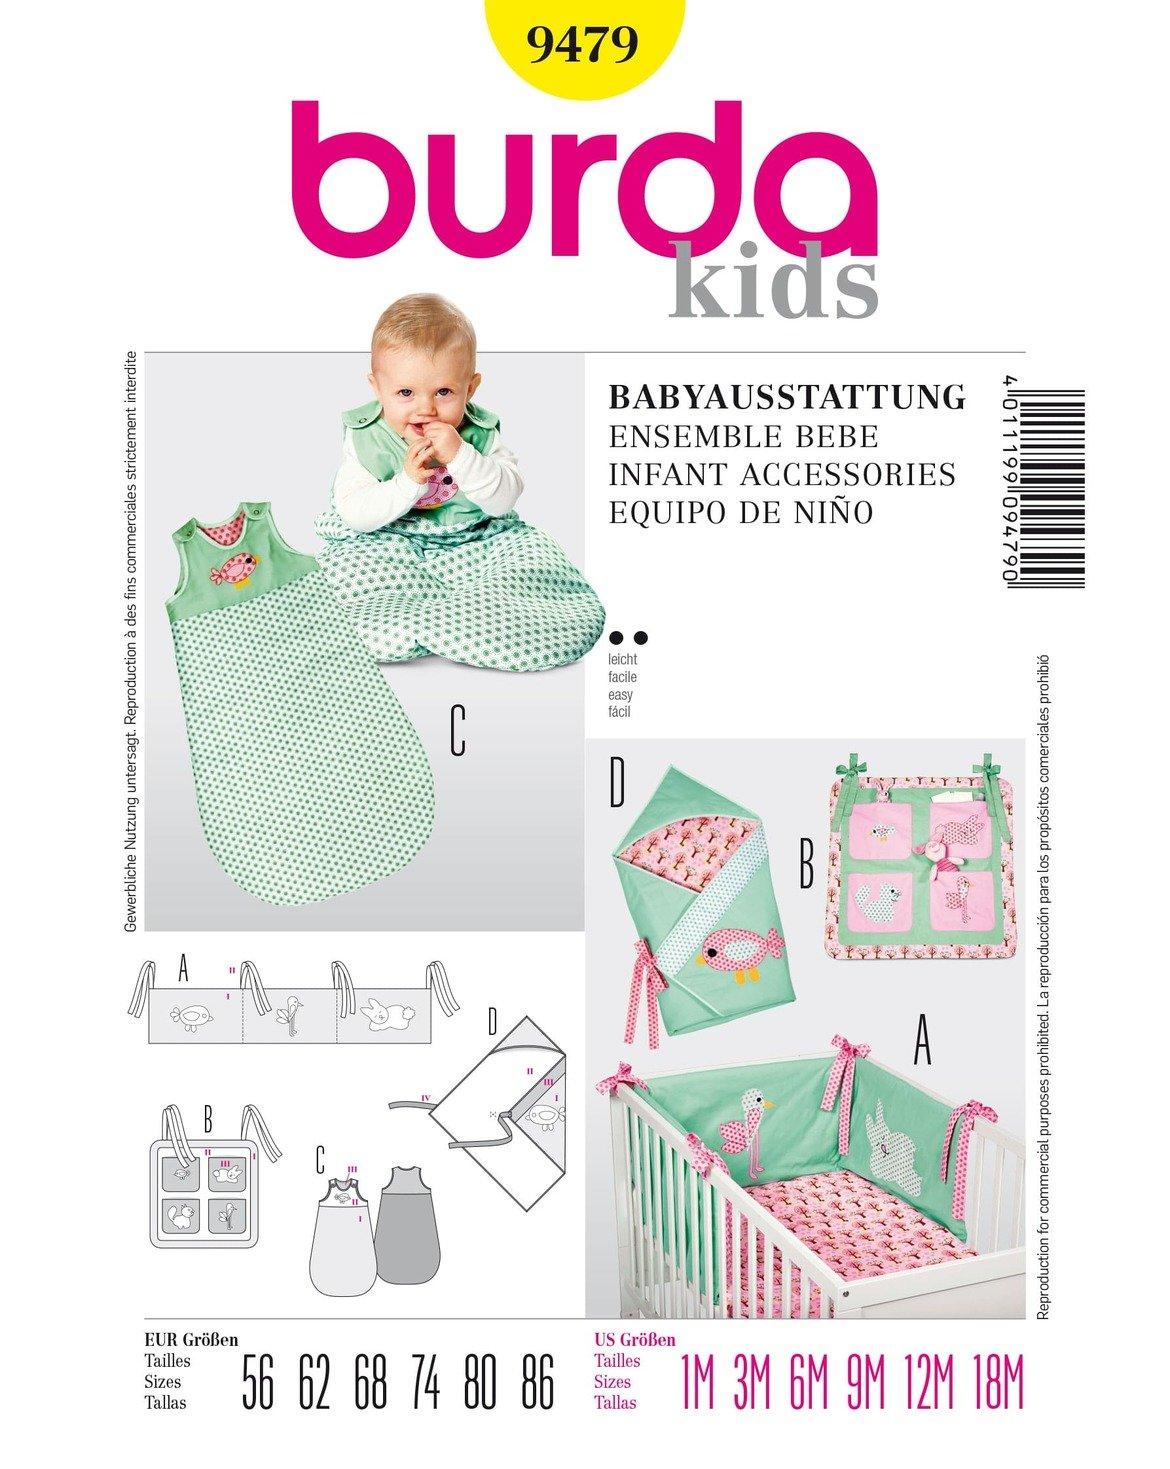 Burda Patrón 9479 Kids Conjunto bebé: Amazon.es: Hogar